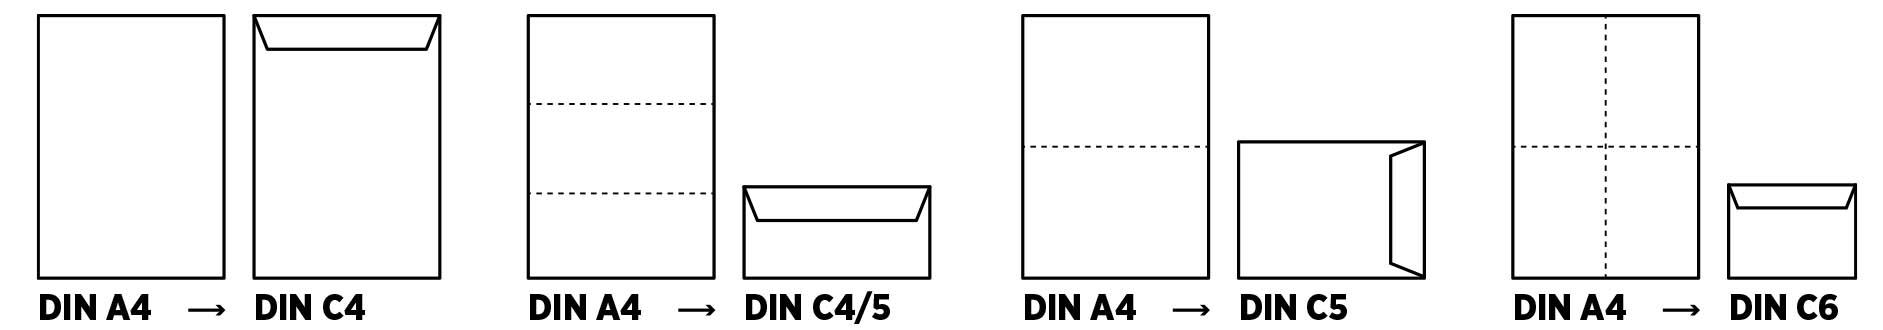 Drucksorten Papierformate DIN